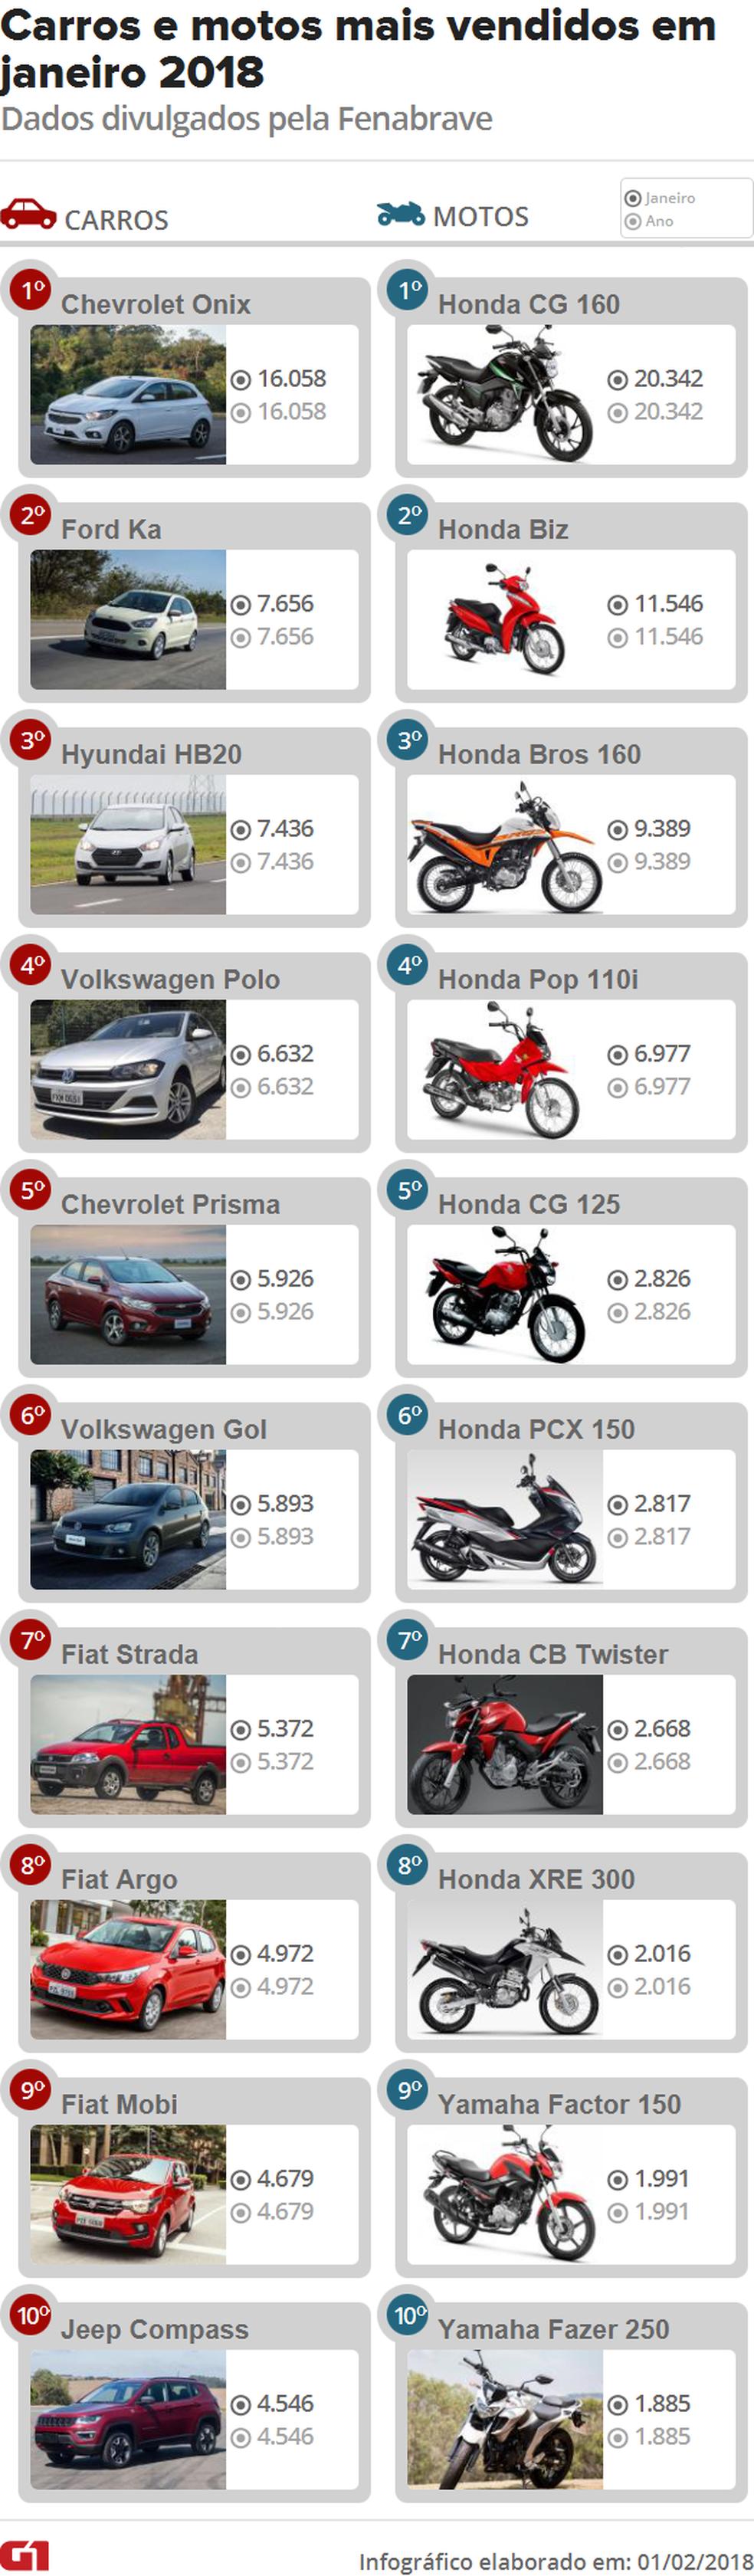 Carros e motos mais vendidos em janeiro de 2018 (Foto: G1/Divulgação)